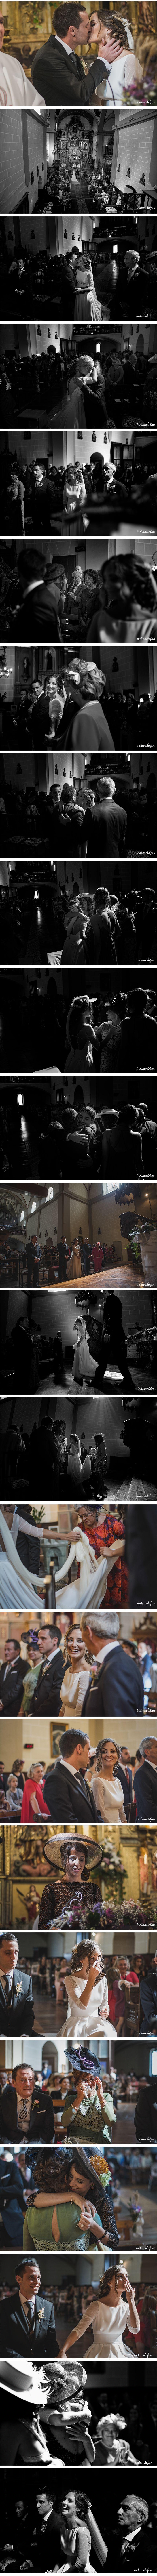 fotografos de bodas en pamplona iruña